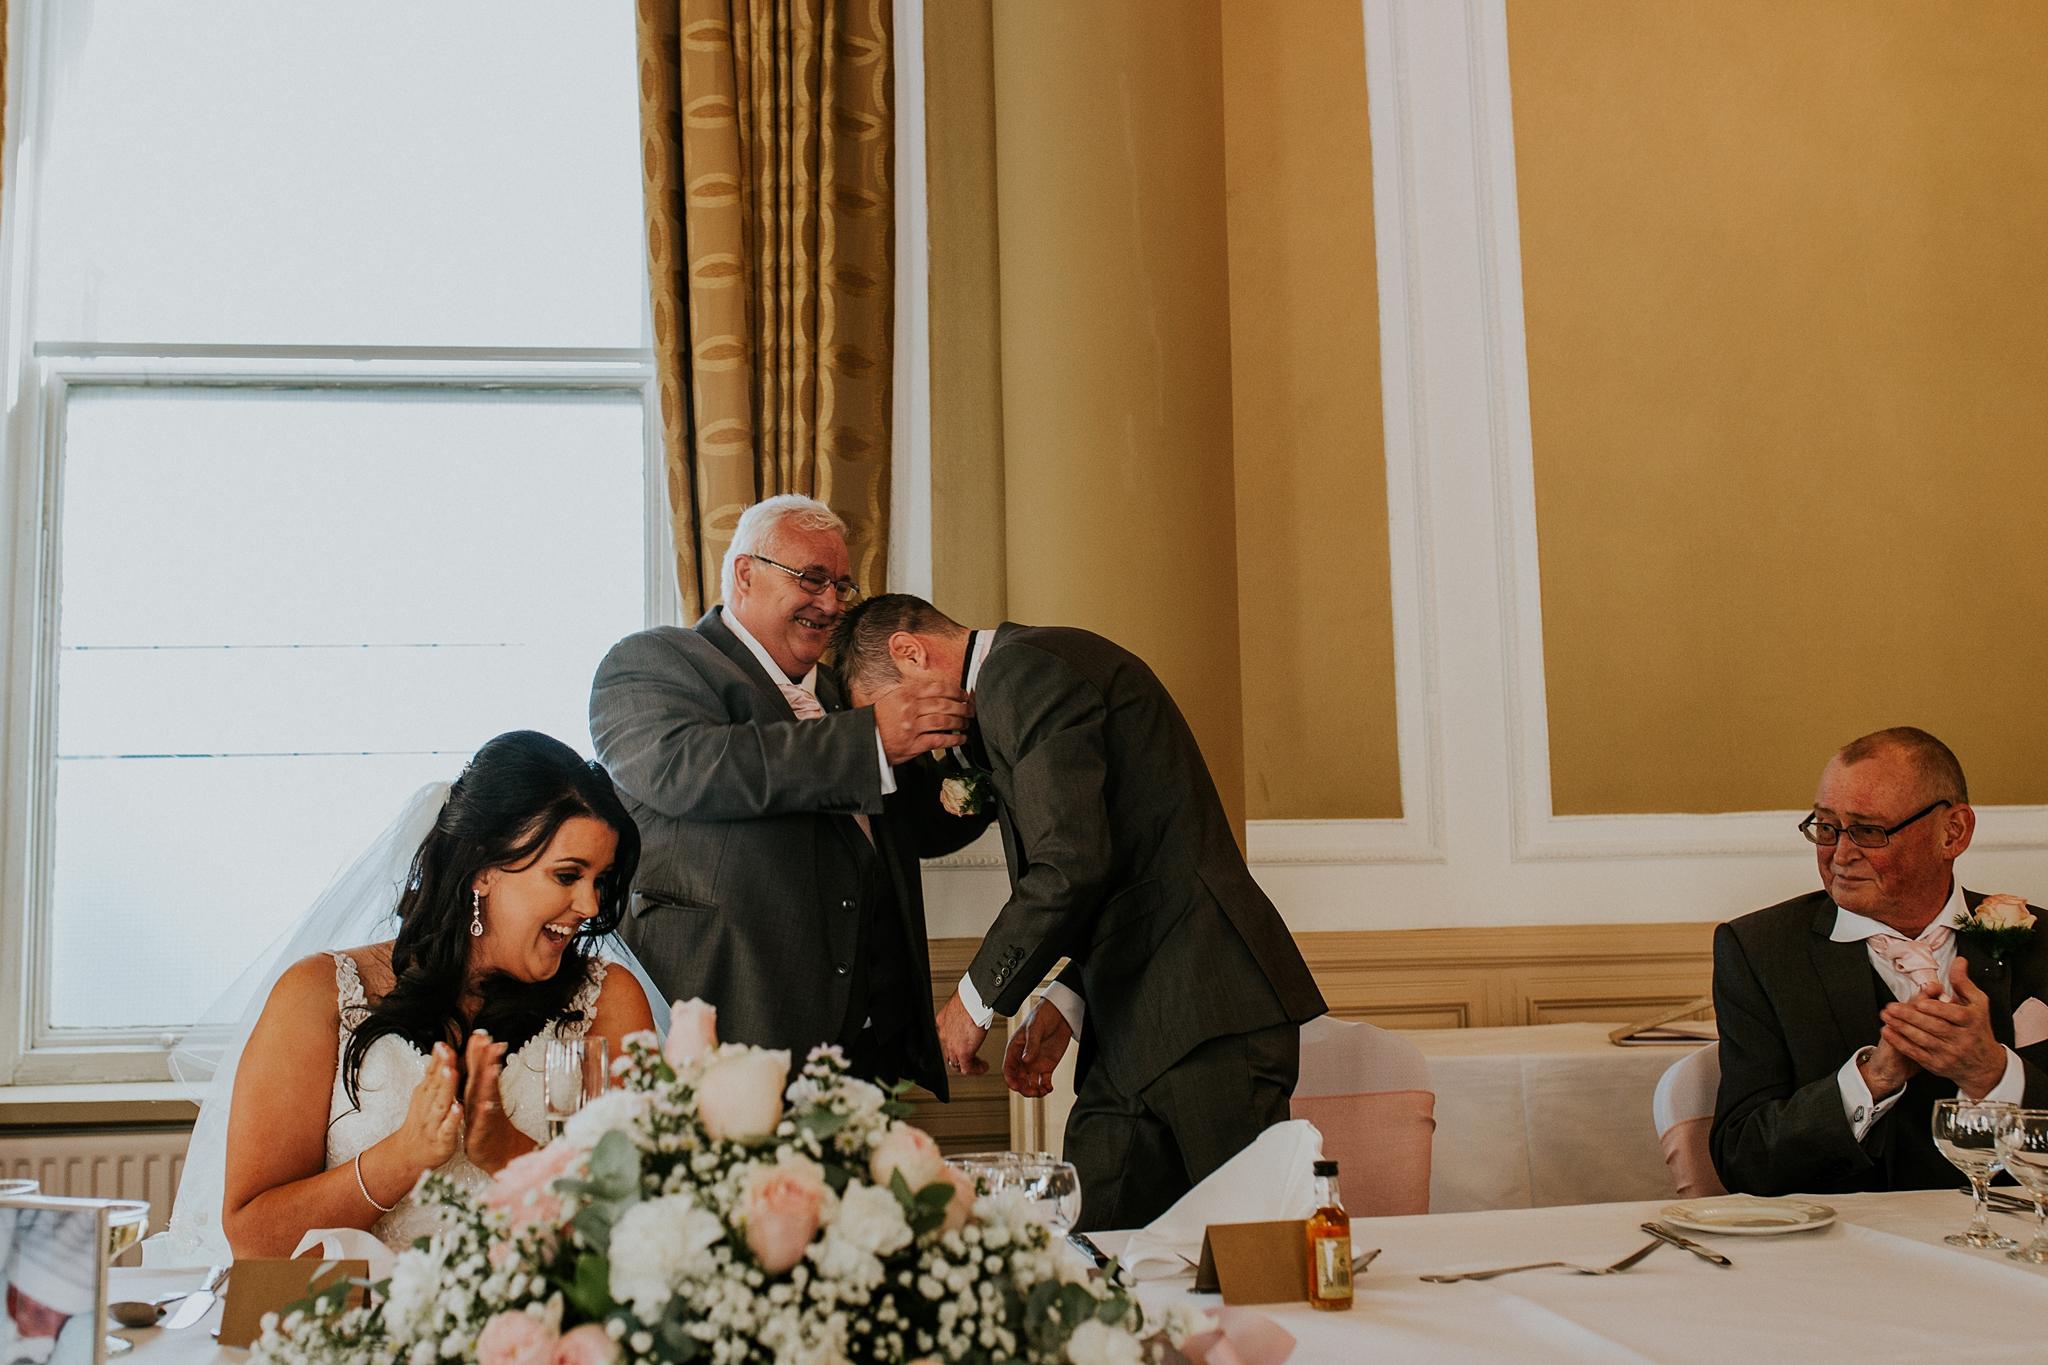 newcastle_upon_tyne_wedding_photographer-46.JPG